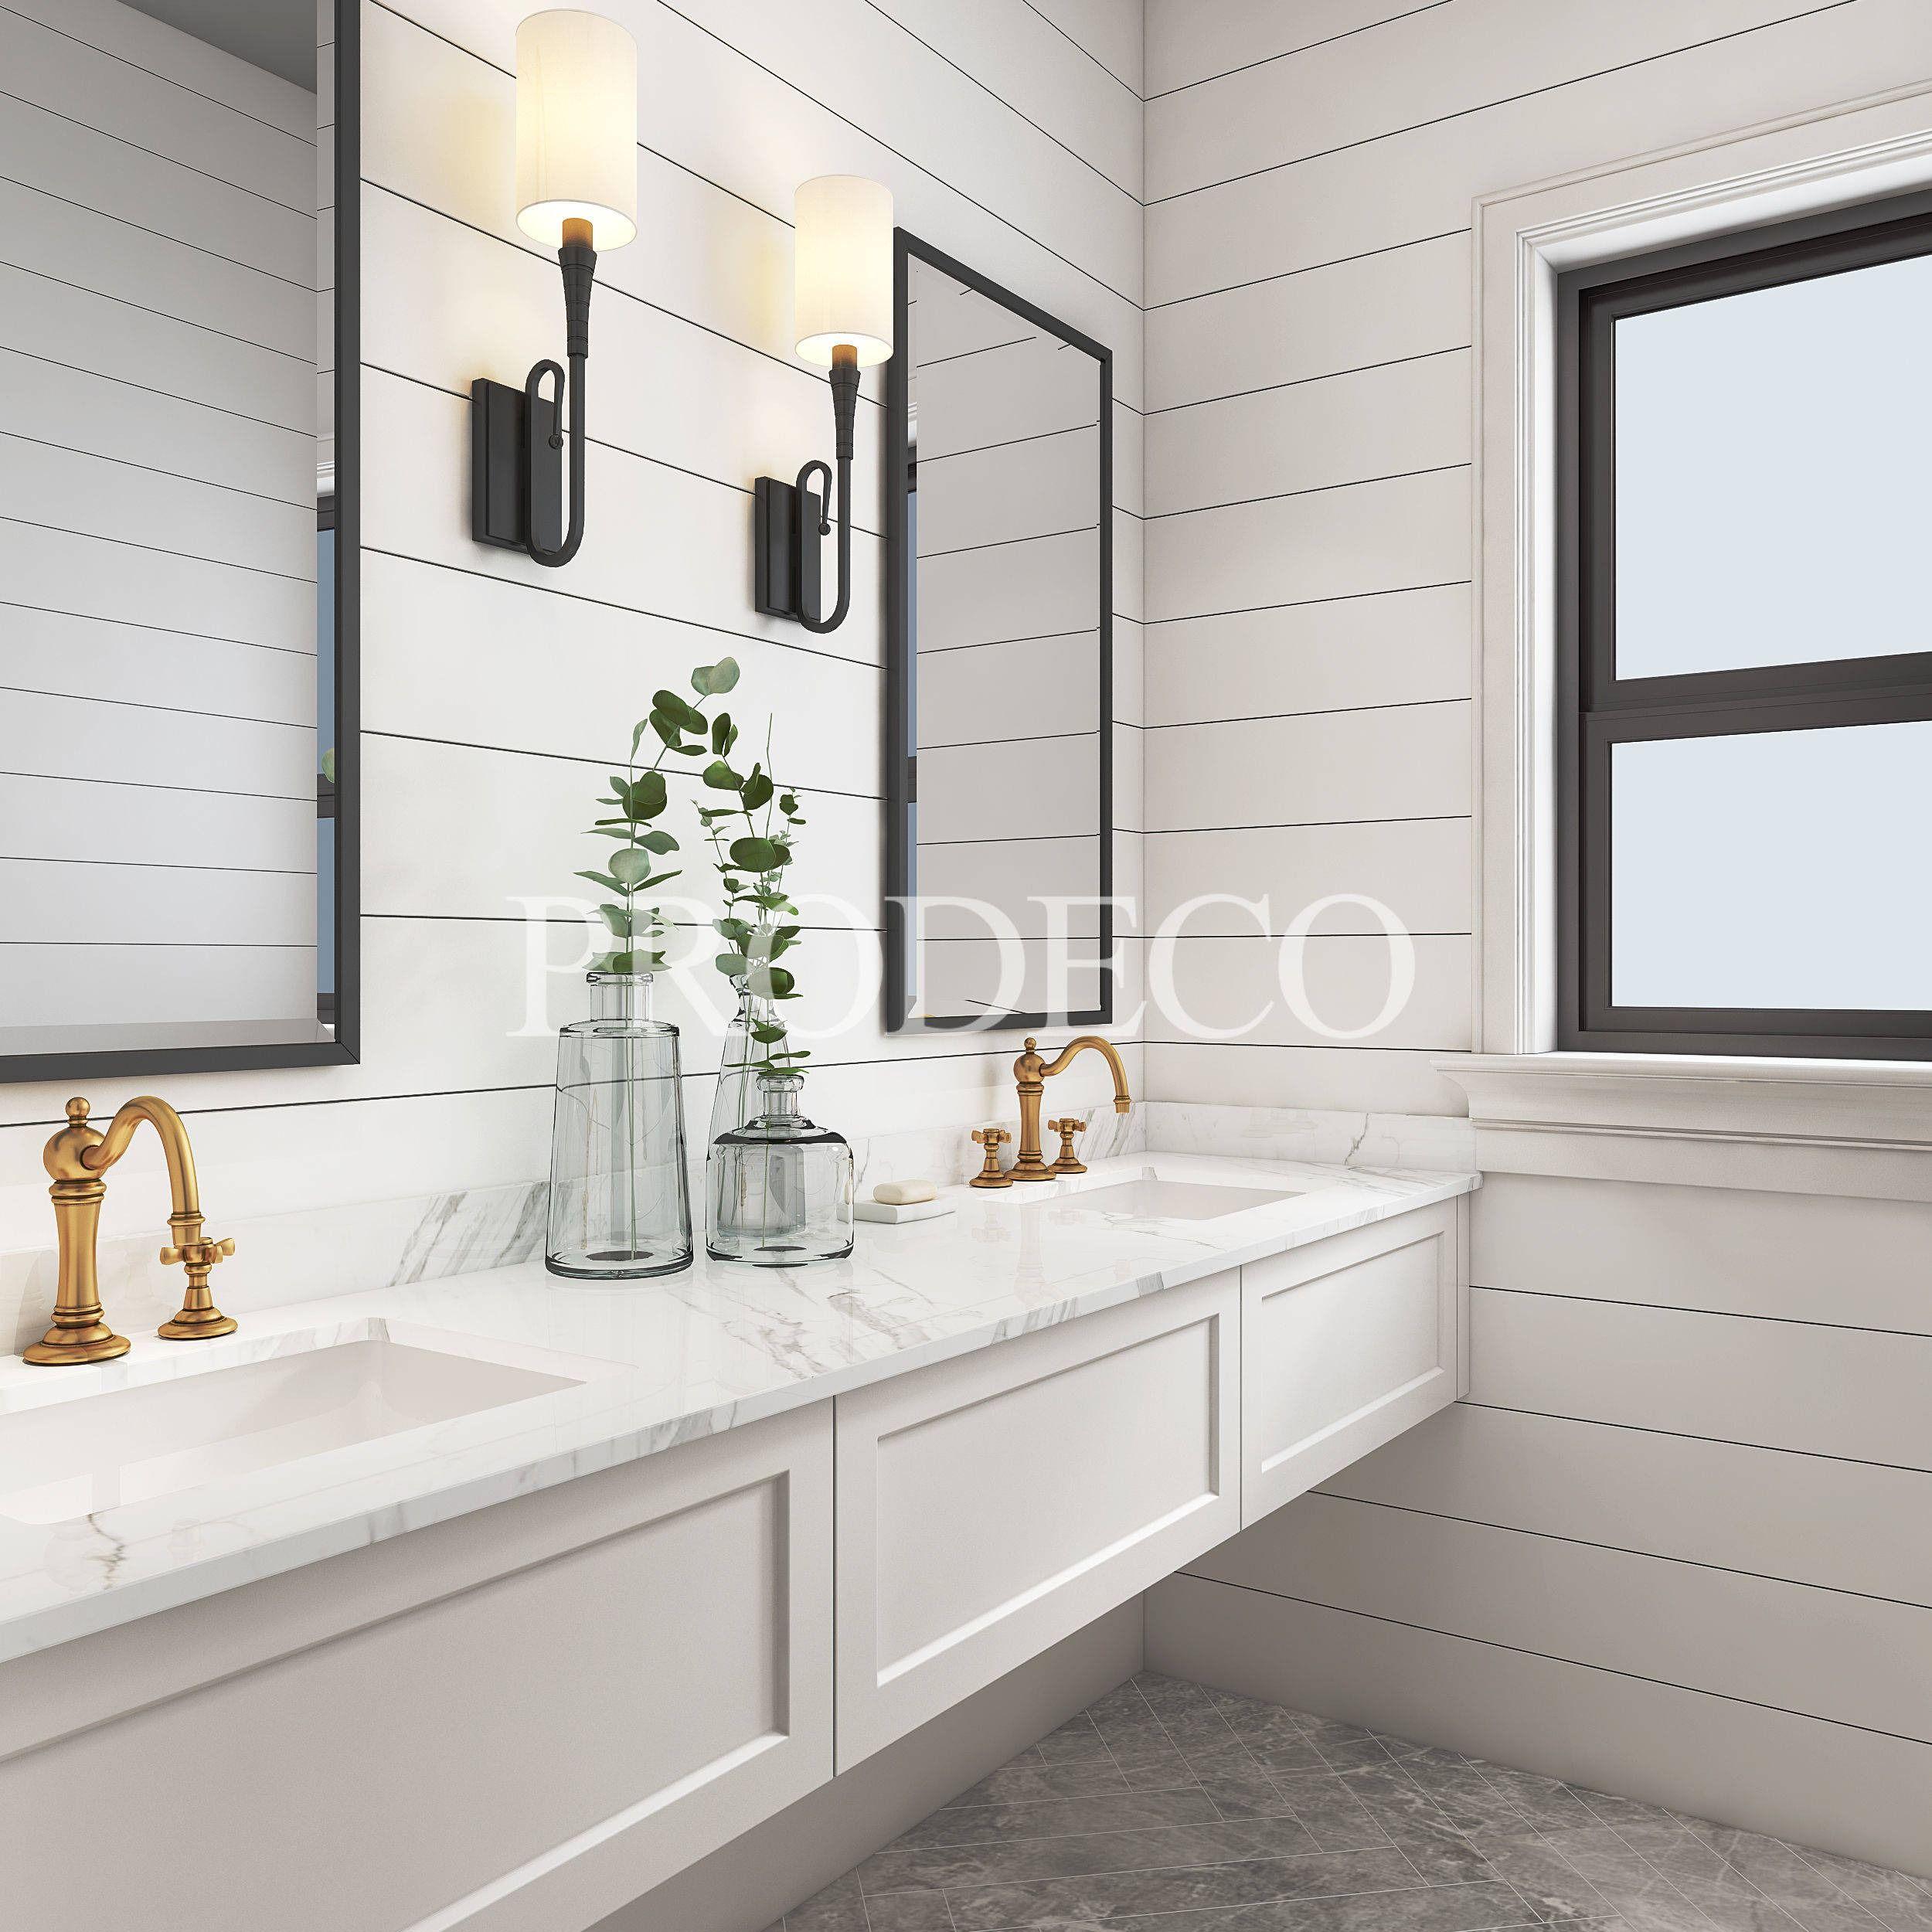 Best Shaker Style Bathroom Vanity Bathroom Styling Black 400 x 300